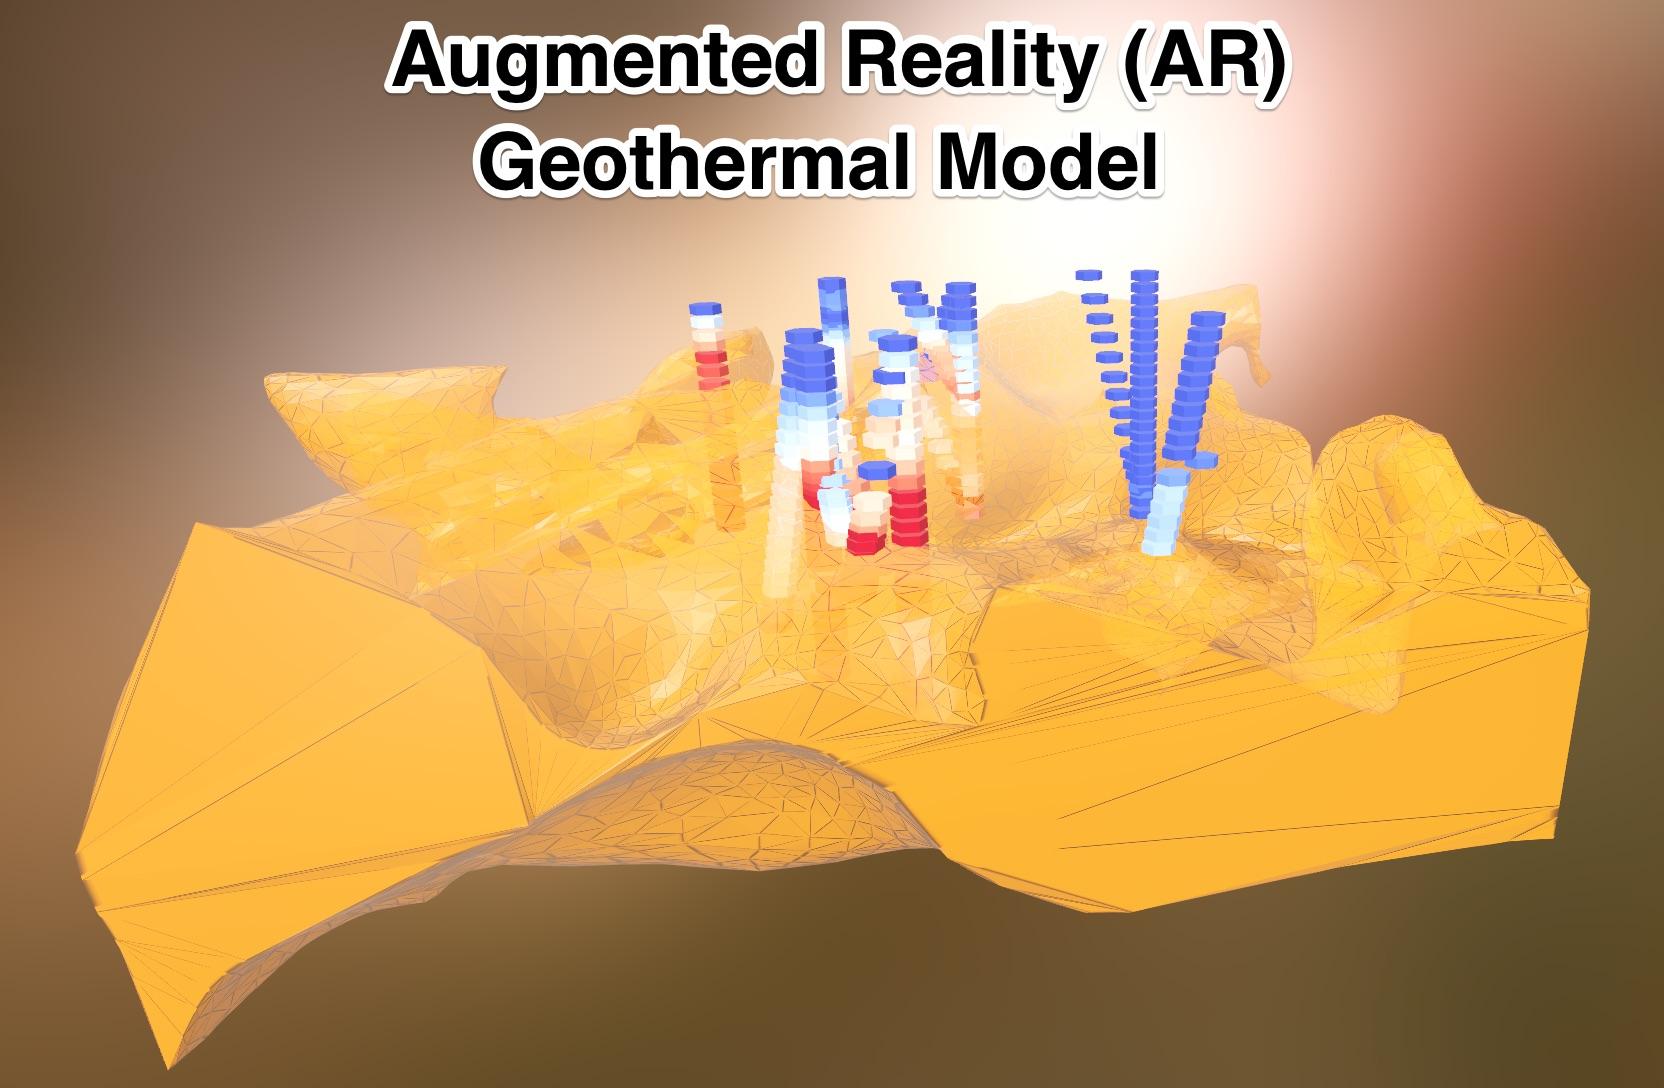 Геология XXI века от реальности к виртуальности